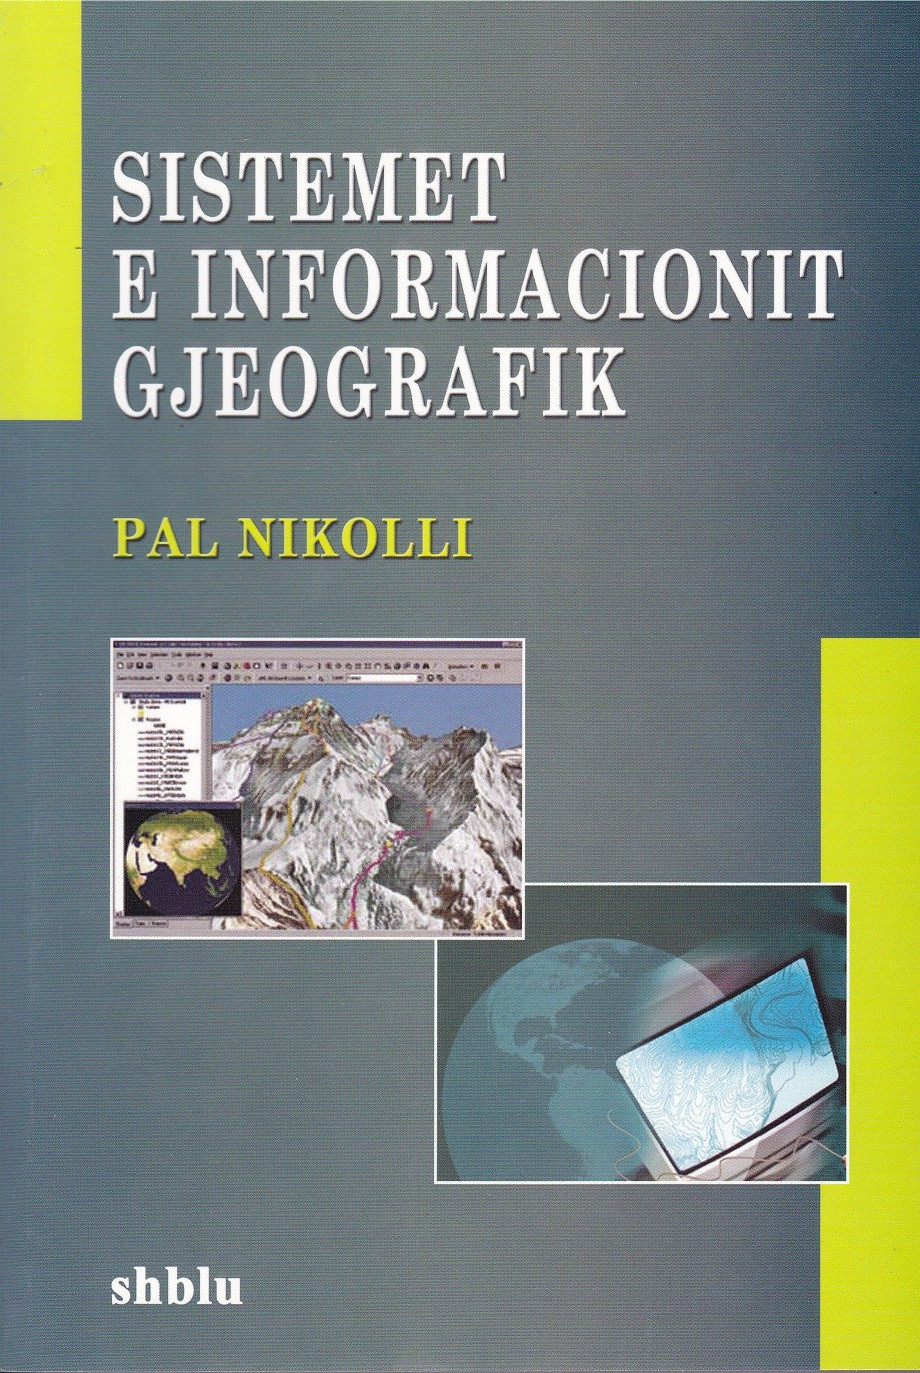 Sistemet e informacionit gjegrafik